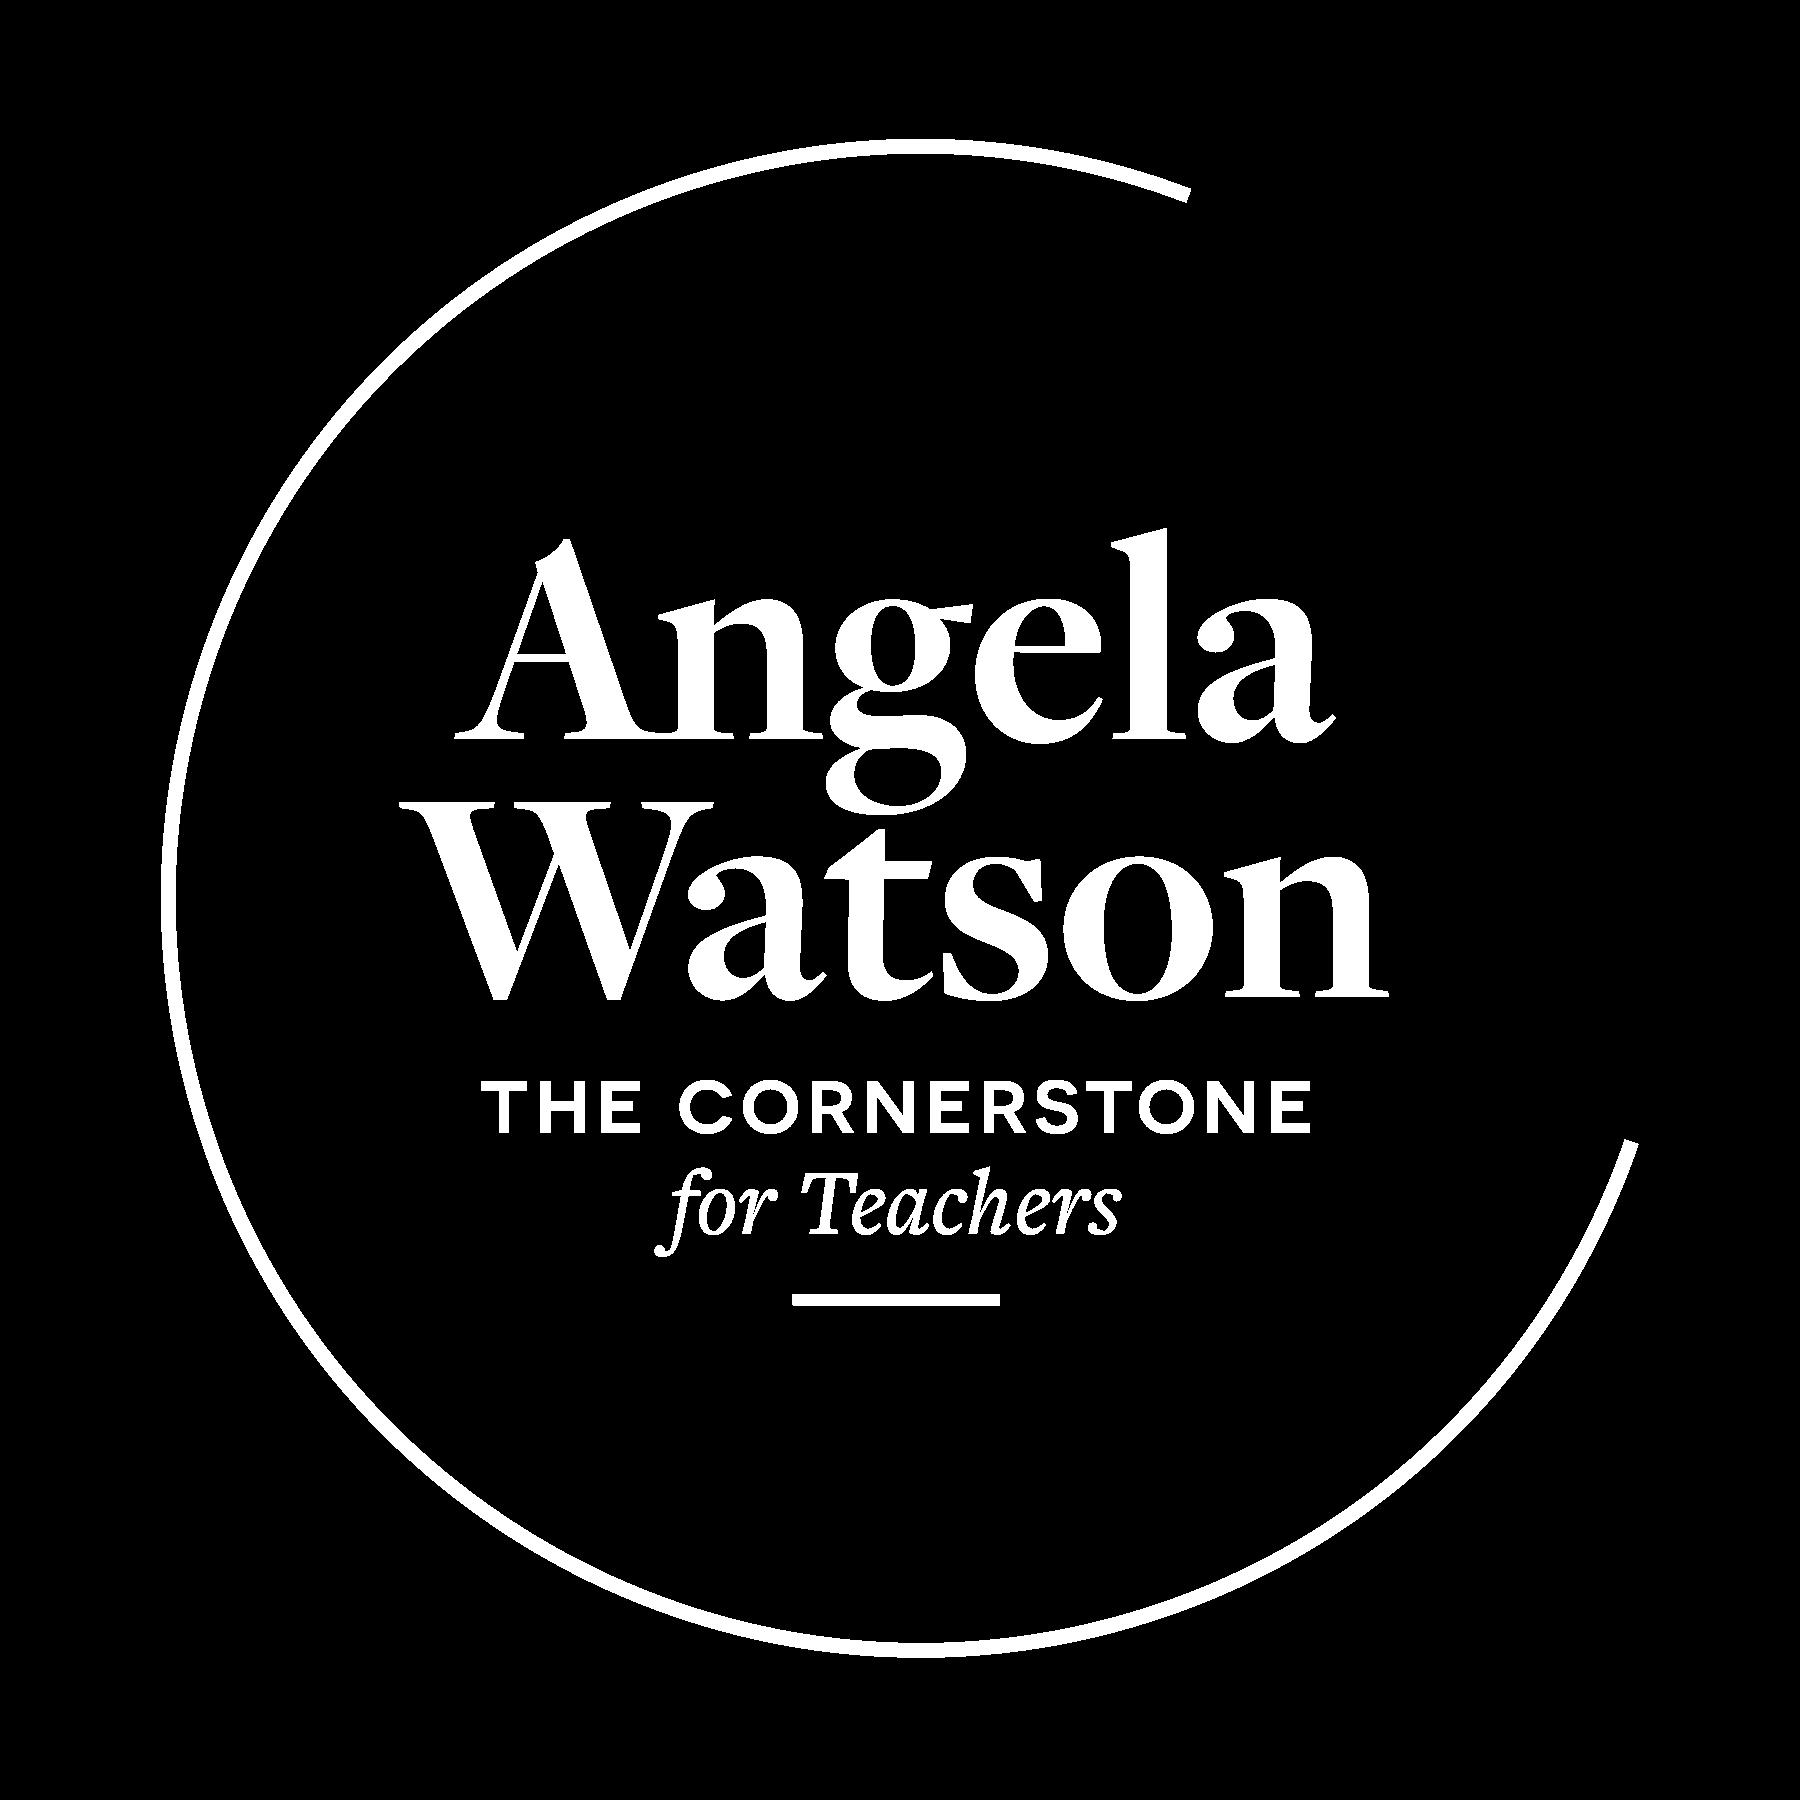 Angelawatson